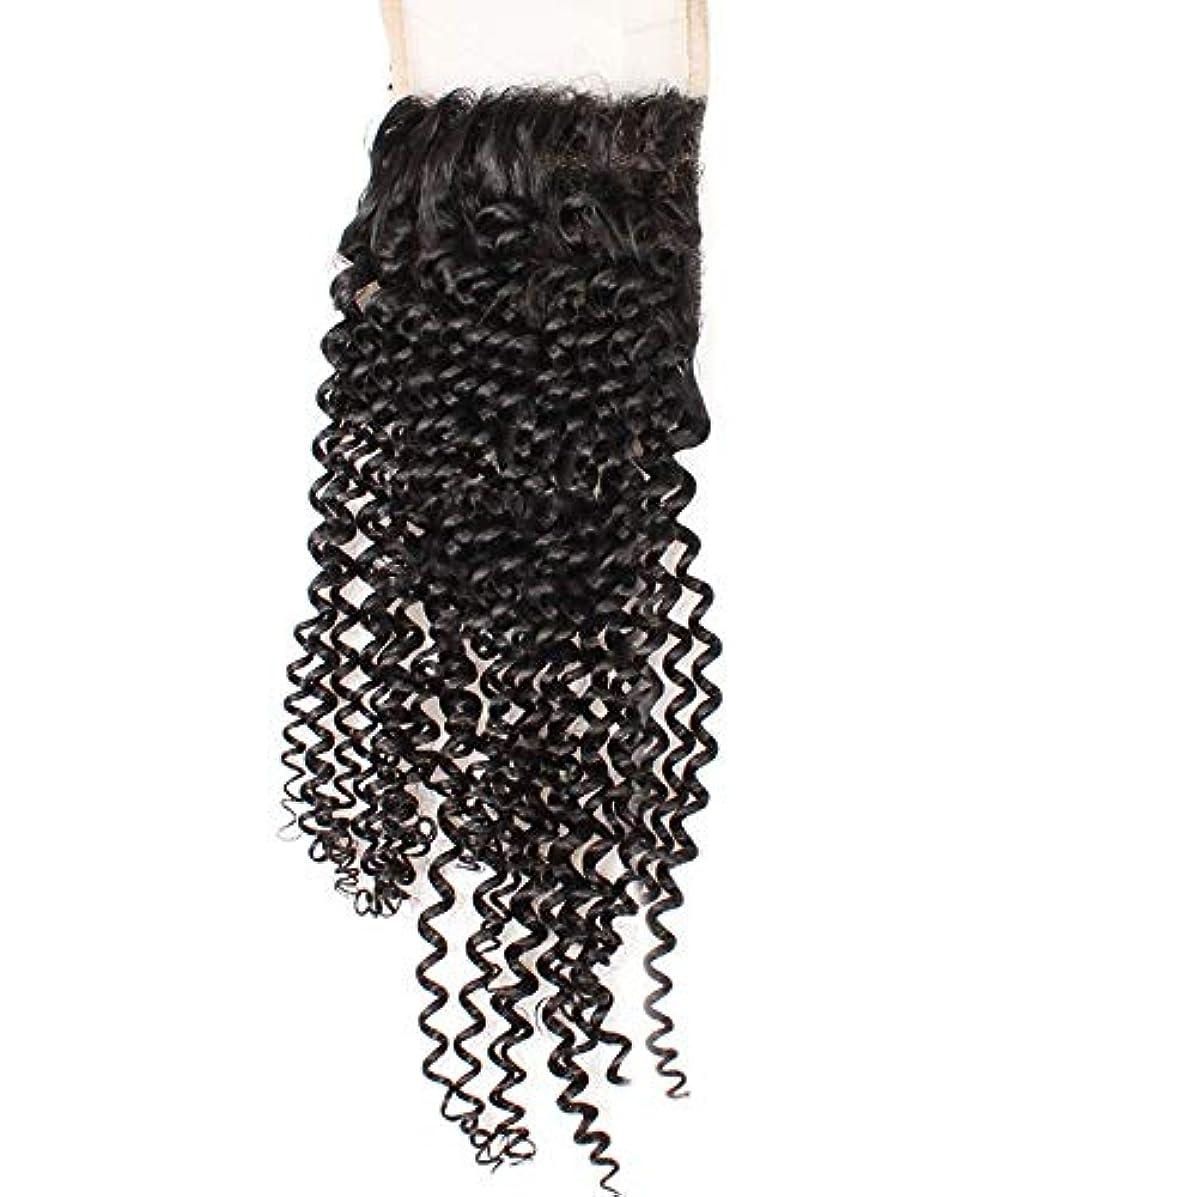 ビルマ時間三番WASAIO ボディとレースの正面閉鎖ブラジルの髪Frizzlyカーリー拡張バンドル人間ウィーブ (色 : 黒, サイズ : 18 inch)